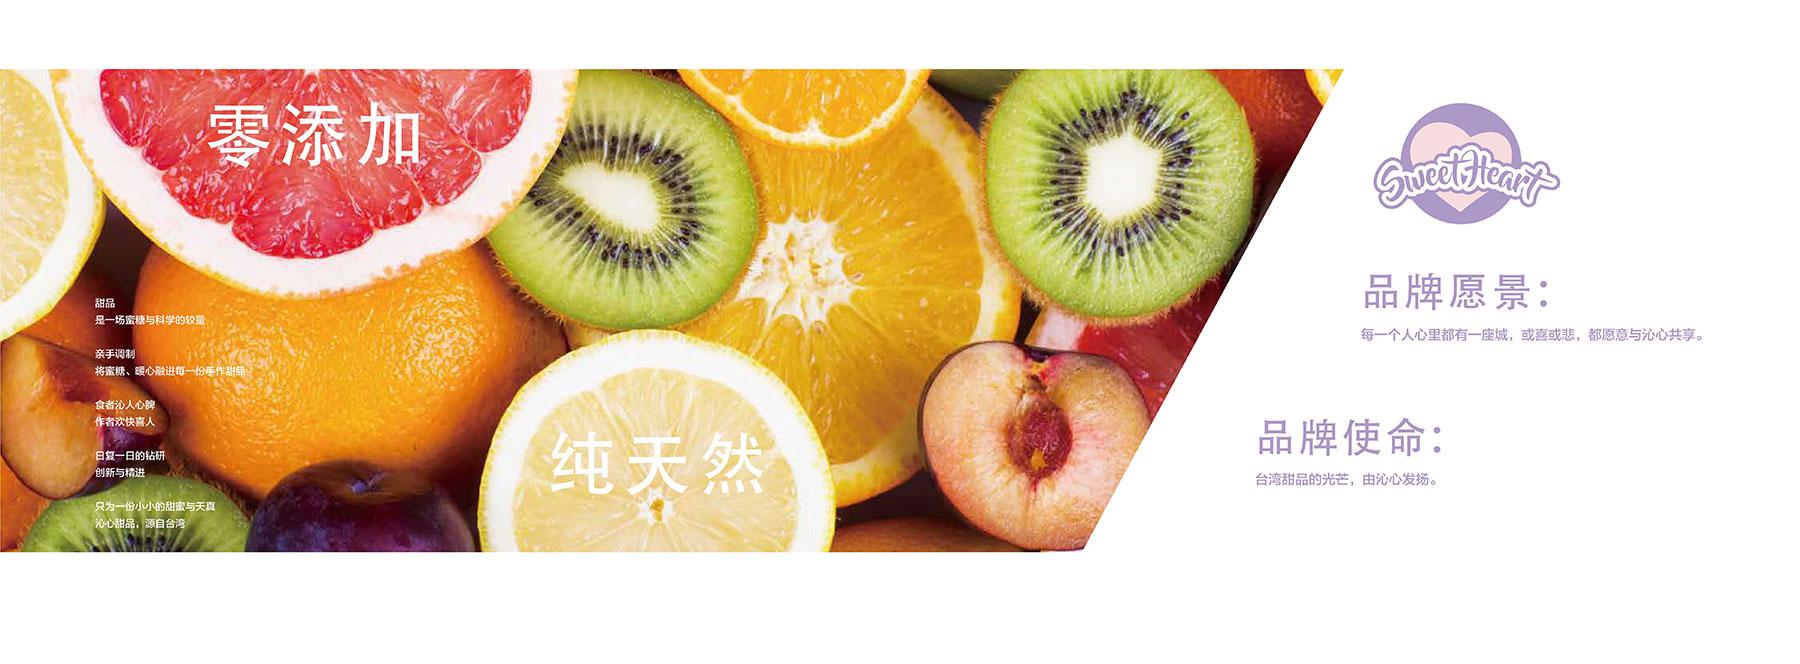 品牌愿景:每一个人心里都有- -座城,或喜或悲,都愿意与沁心共享。品牌使命:台湾甜品的光芒,由沁心发扬。